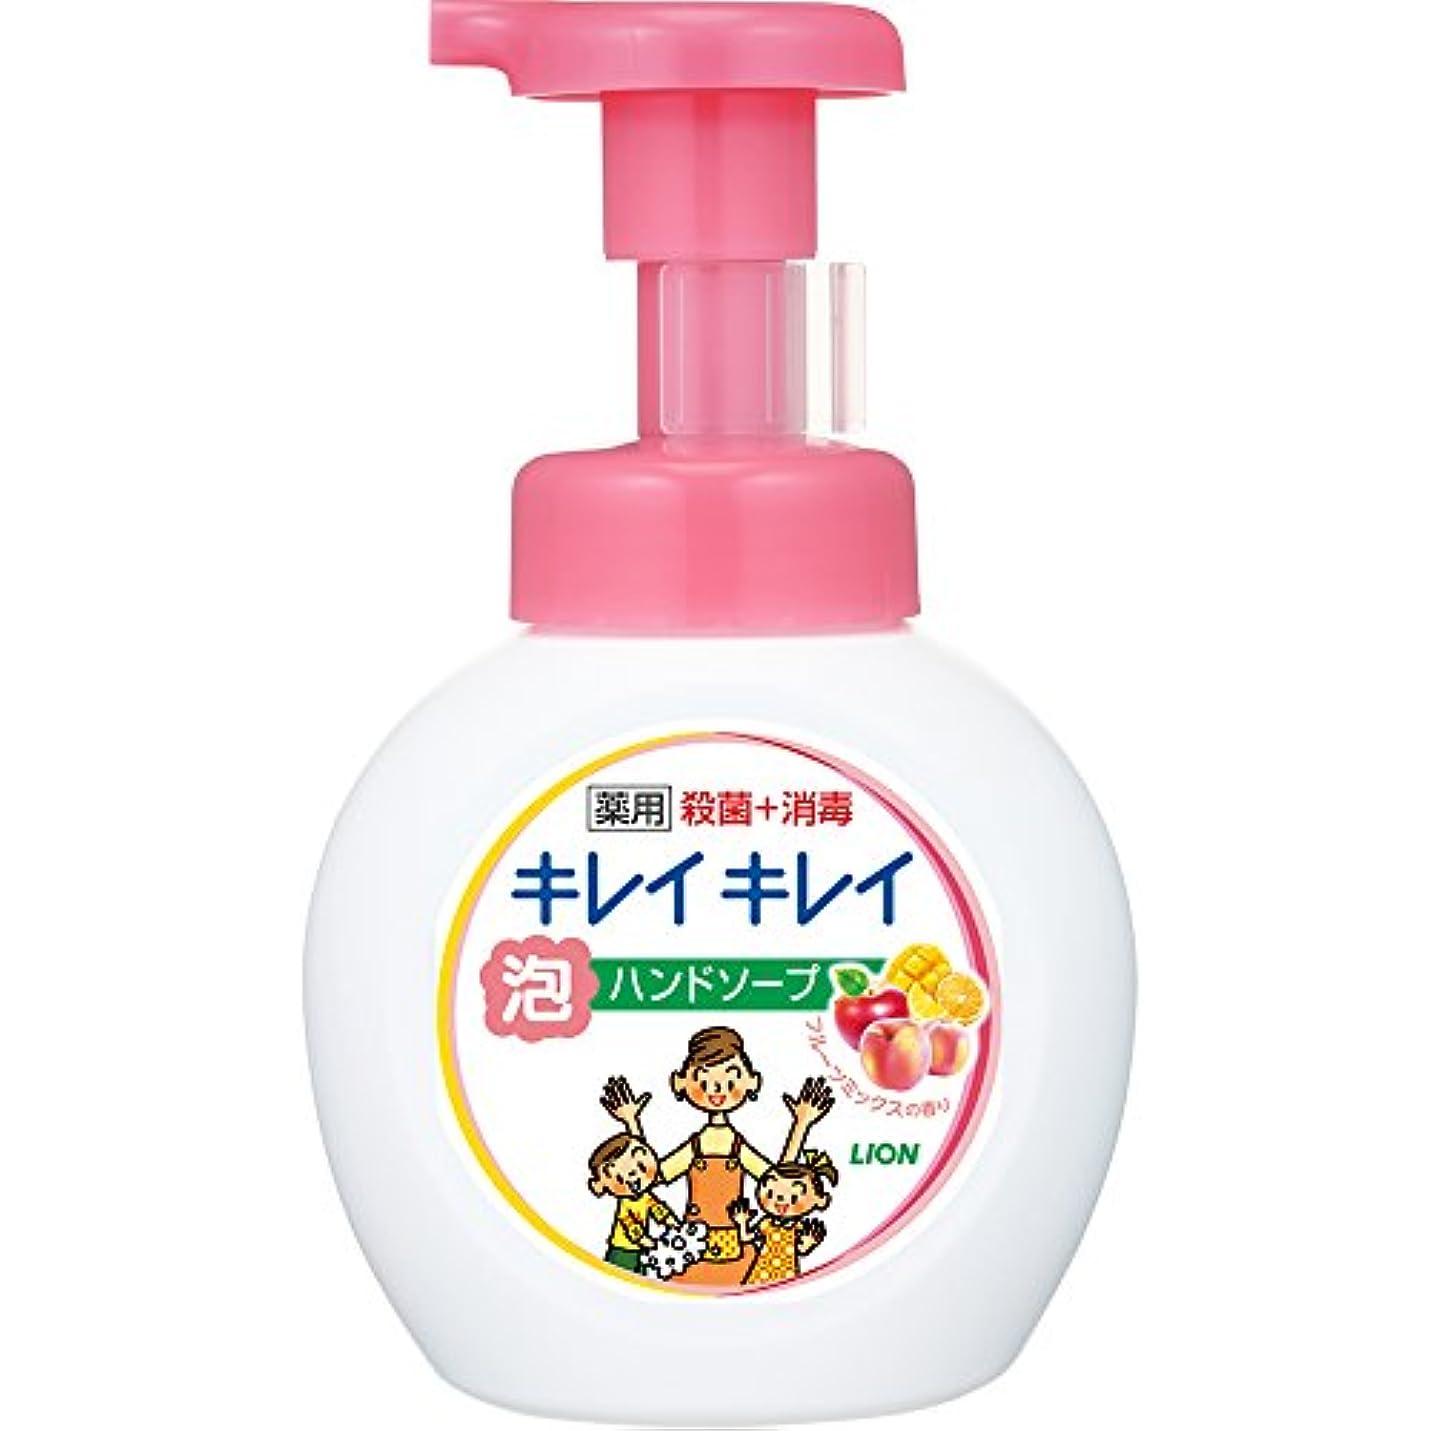 また豊富にカプラーキレイキレイ 薬用 泡ハンドソープ フルーツミックスの香り ポンプ 250ml(医薬部外品)